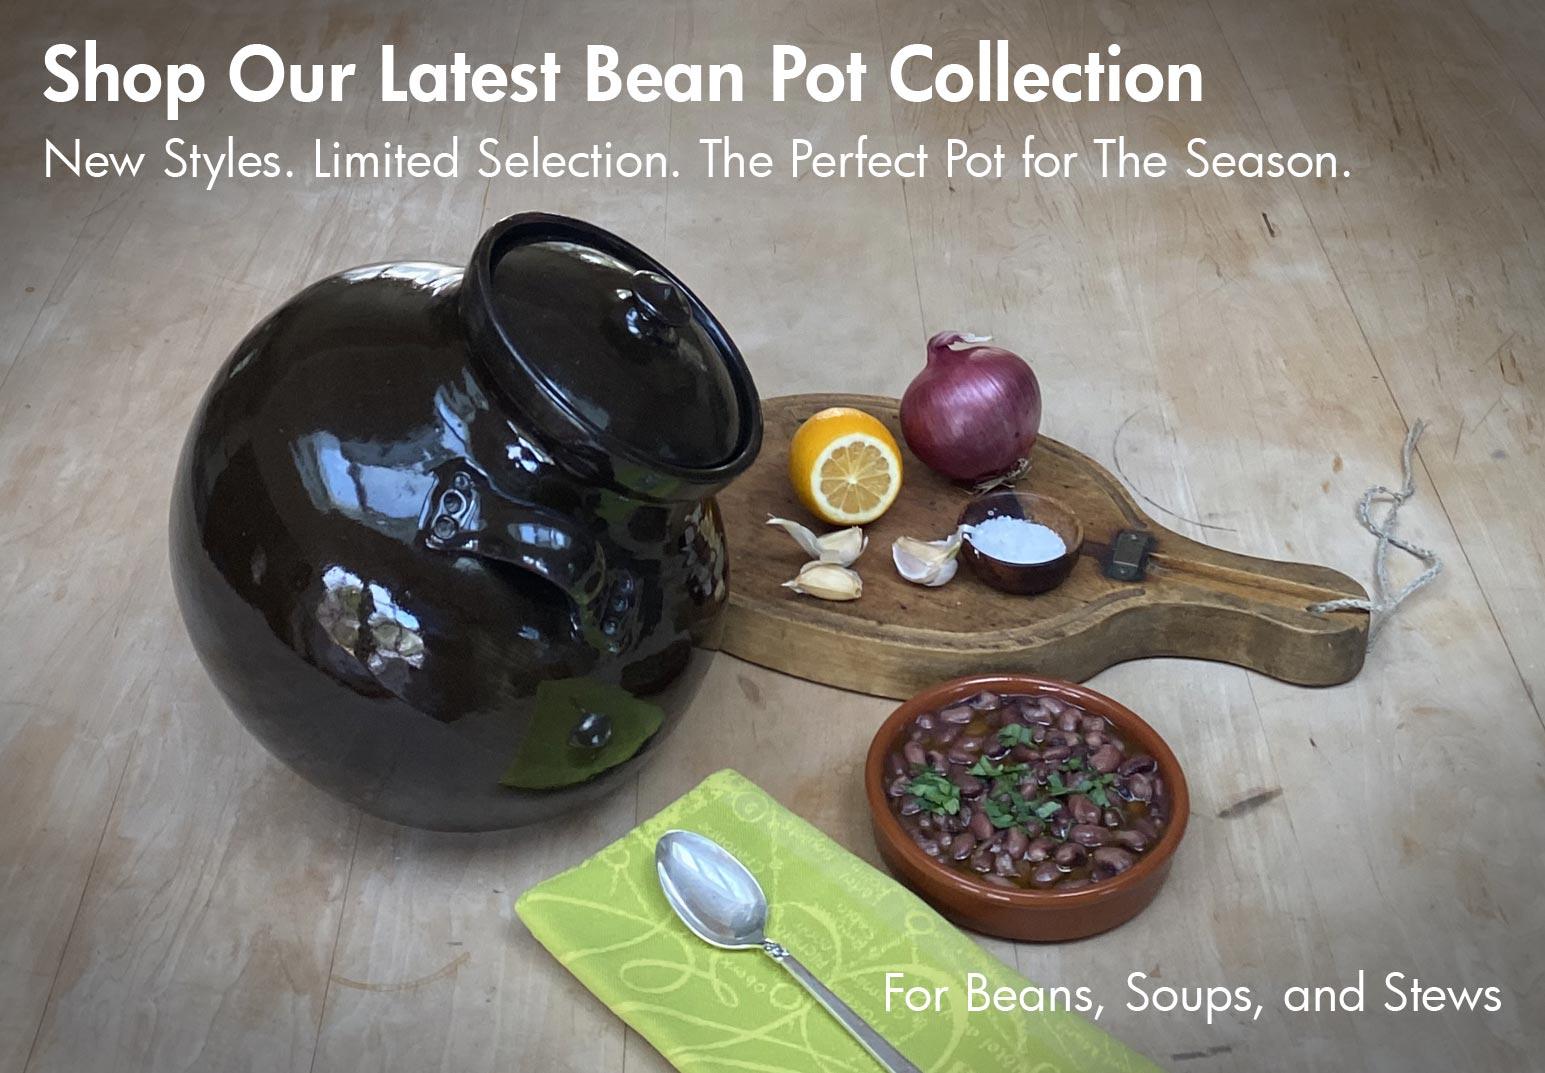 Shop Our Latest Bean Pot Collection